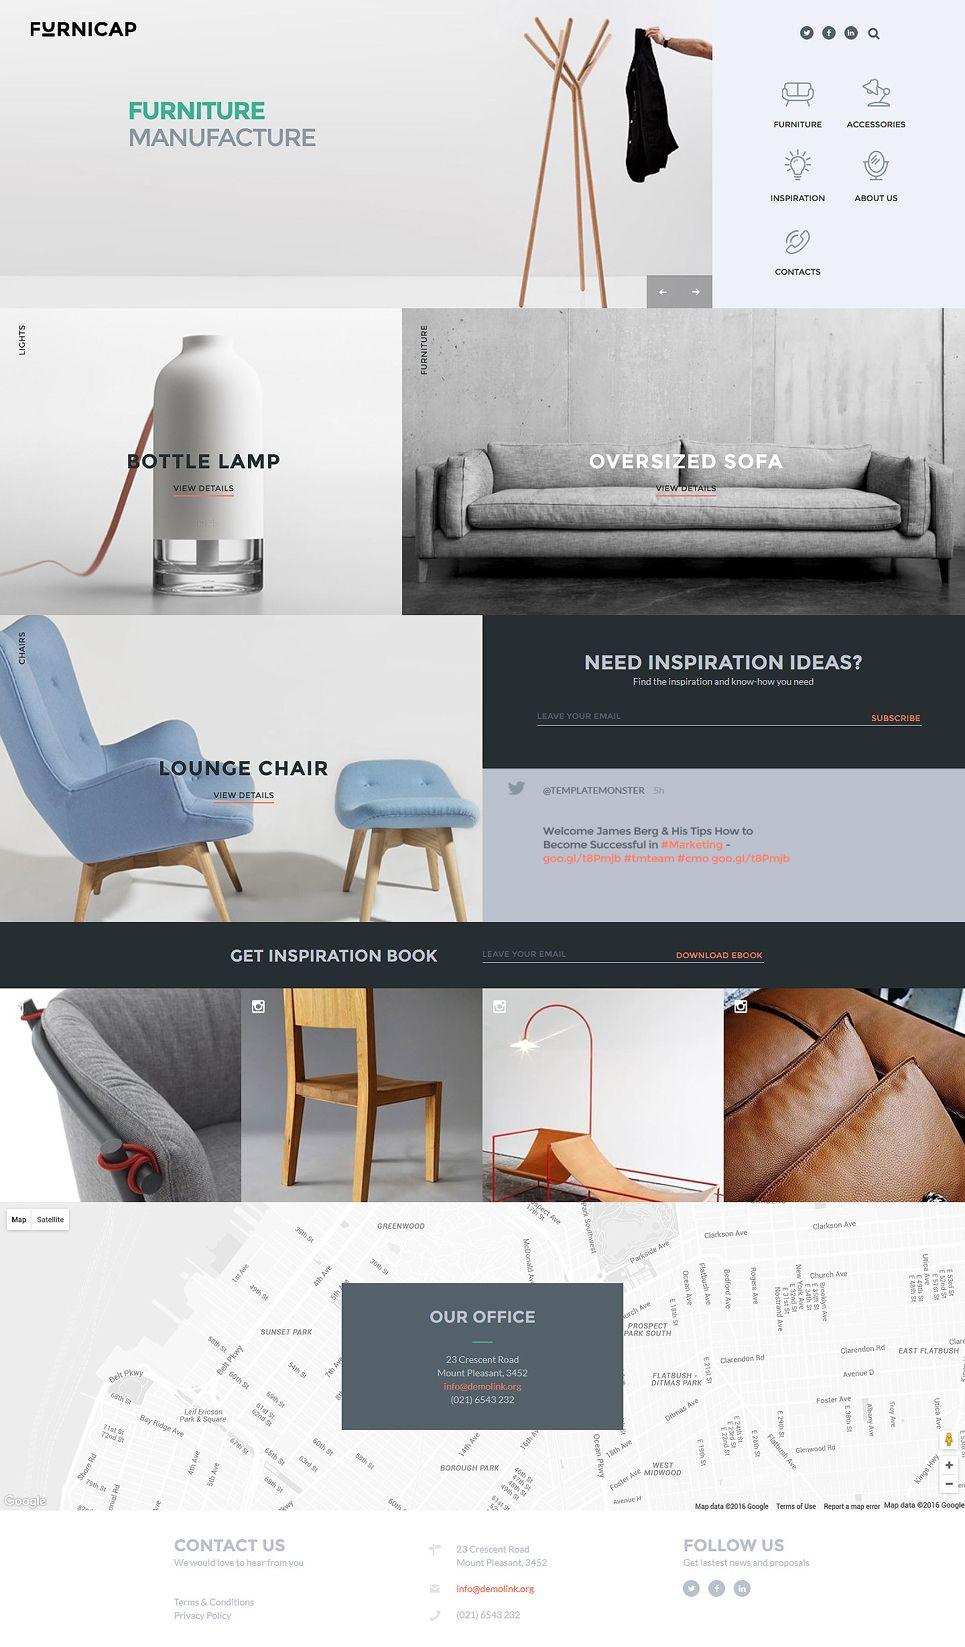 Furnicap Website Template Furnicap Website Template Furniture Furniture Design Design